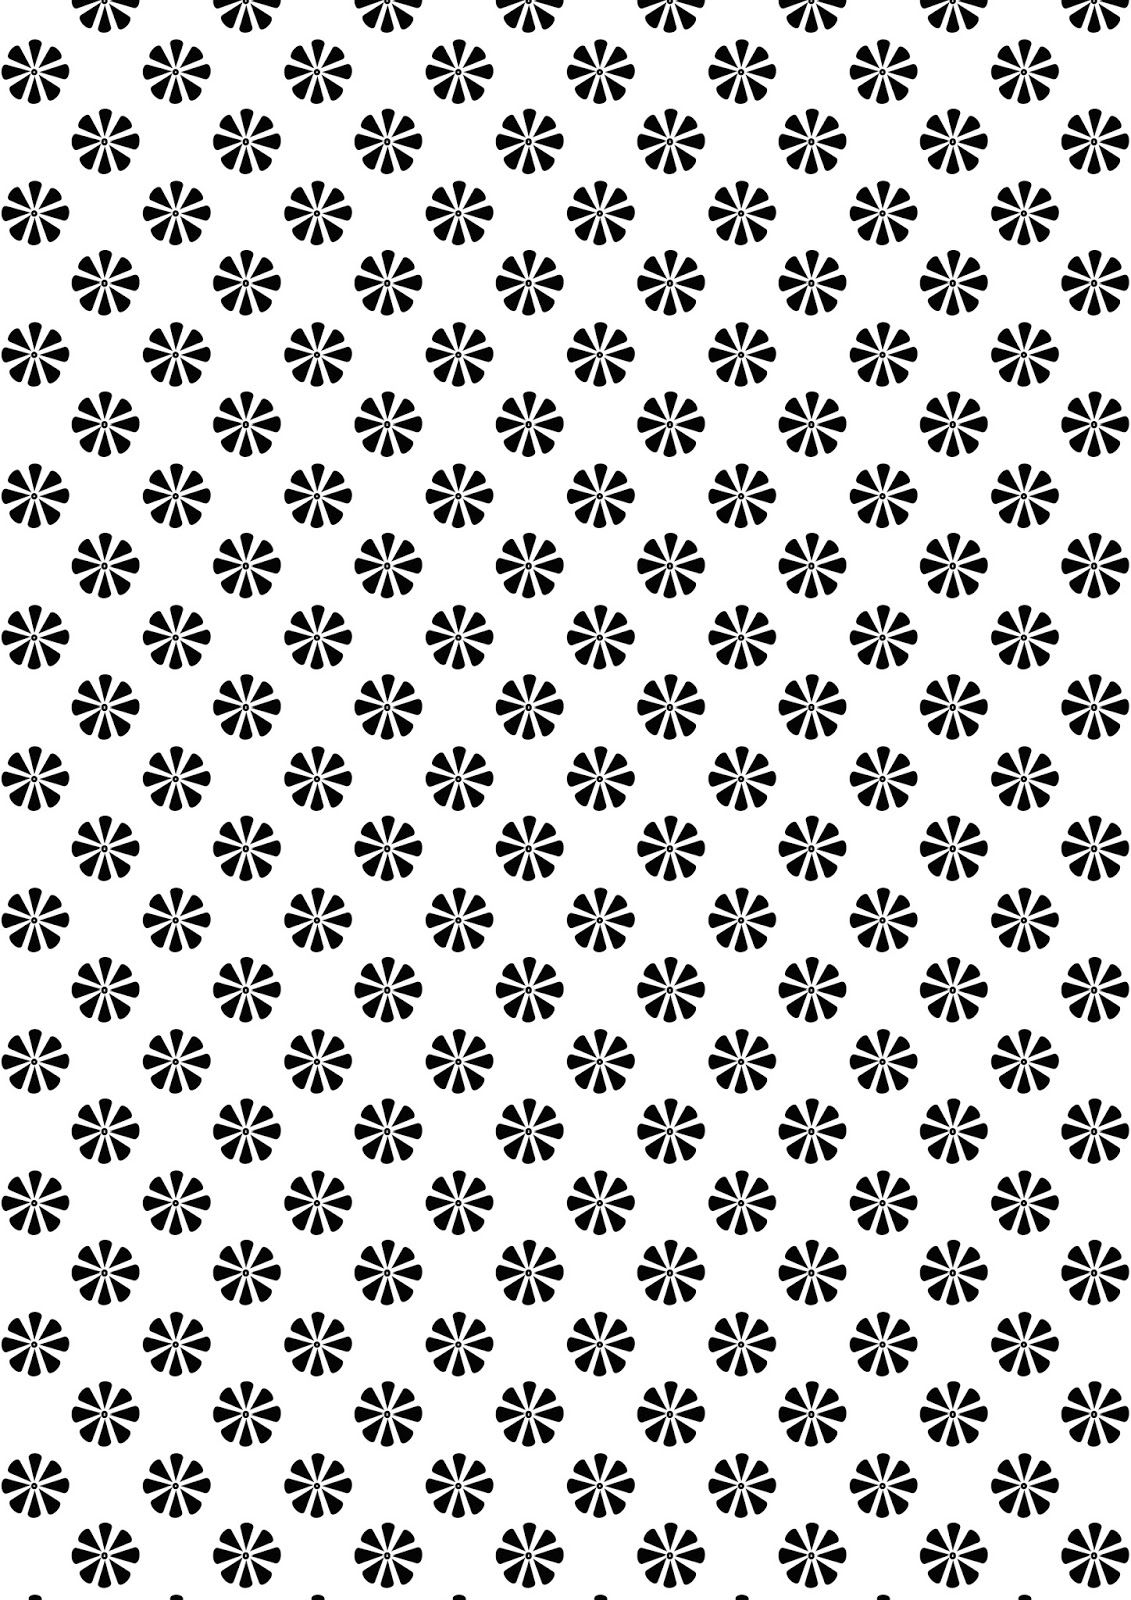 Scrapbook paper designs to print - Free Digital Black And White Floral Scrapbooking Paper Ausdruckbares Geschenkpapier Freebie